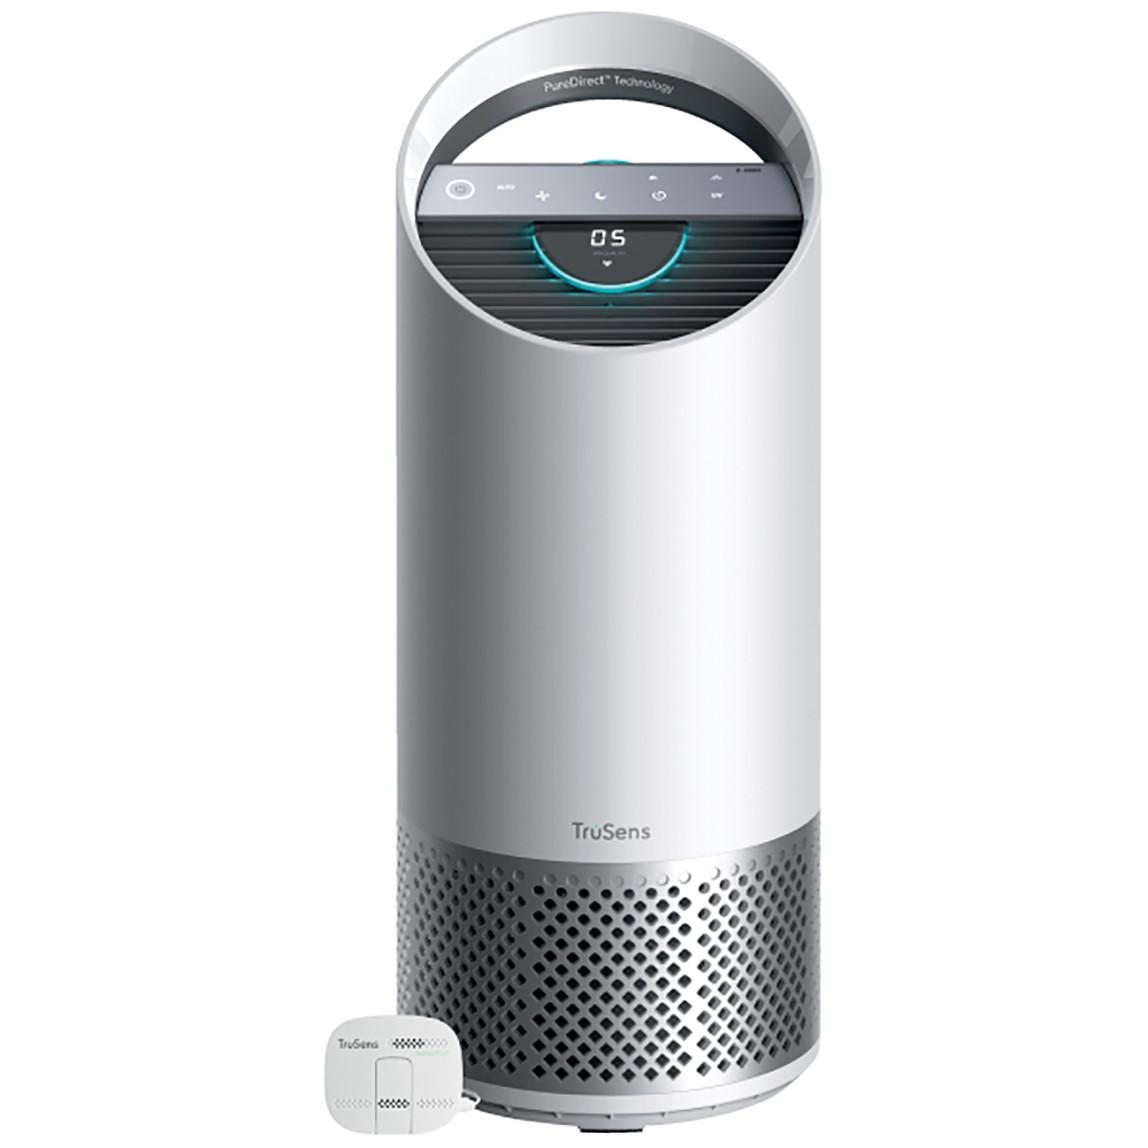 Leitz TruSens Z-2000  SensorPod Hava Kalitesi Monitörlü Hava Temizleme Cihazı